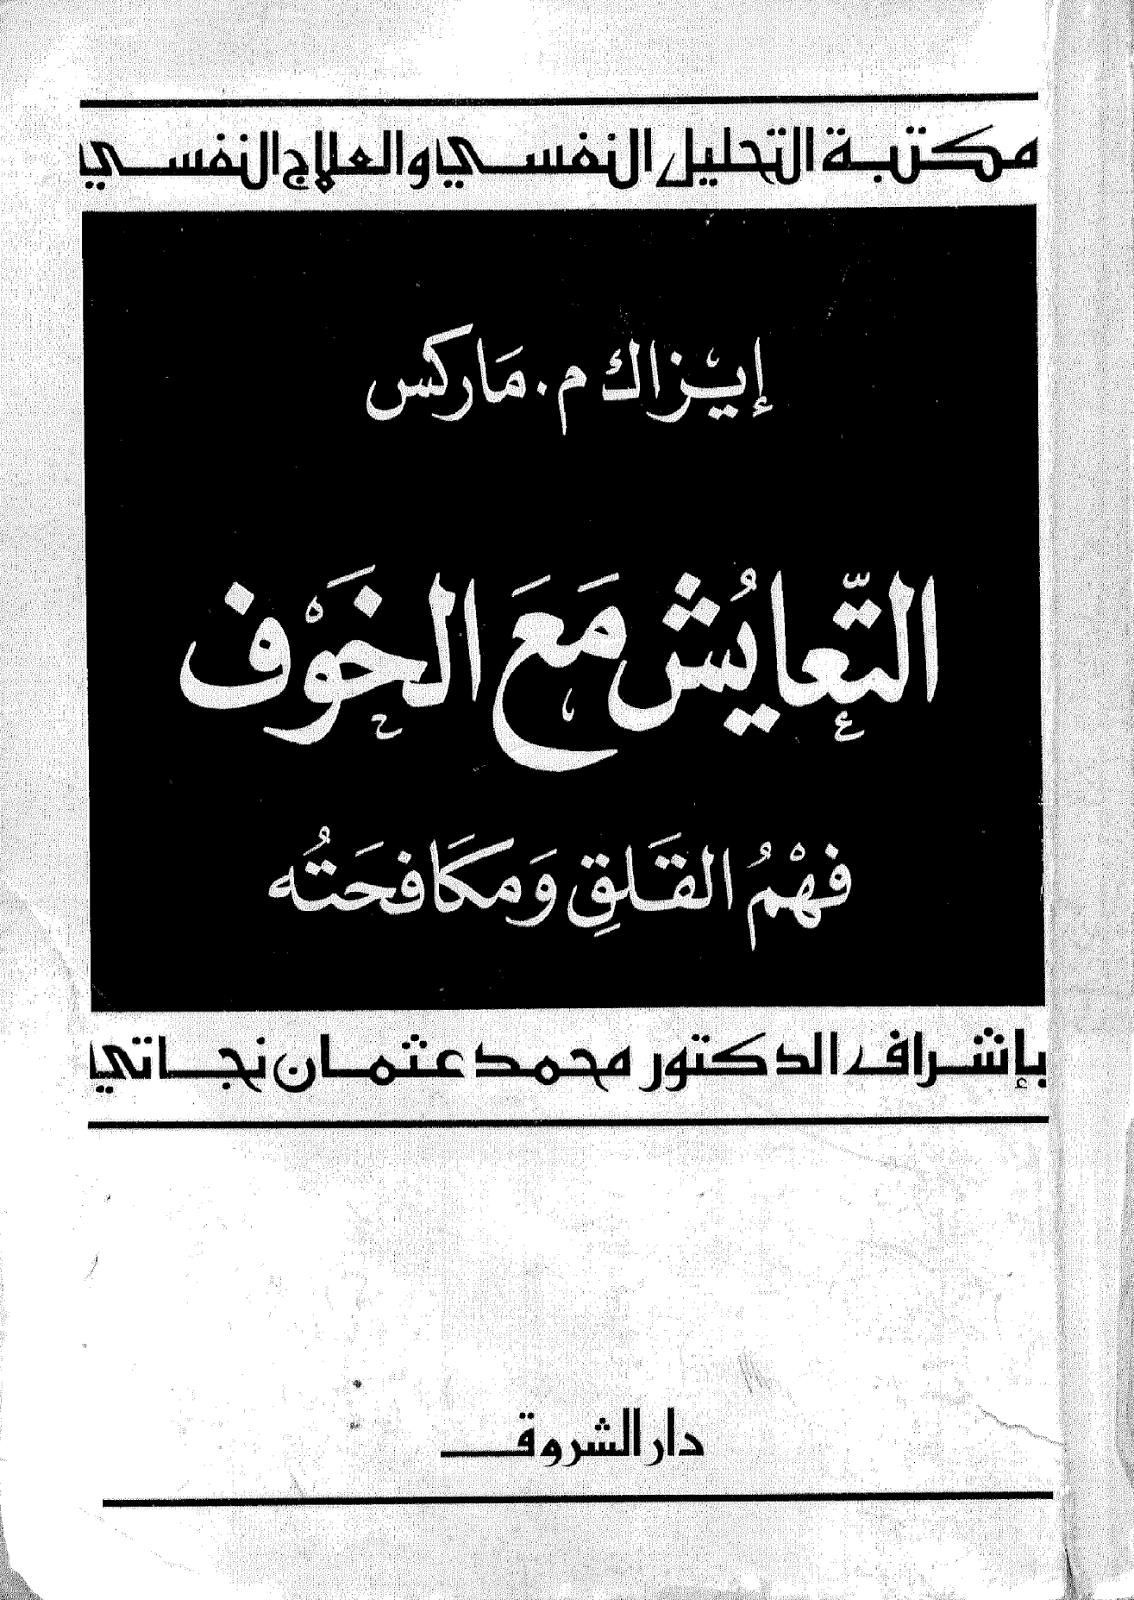 تحميل كتاب التعايش مع الخوف فهم القلق ومكافحته pdf